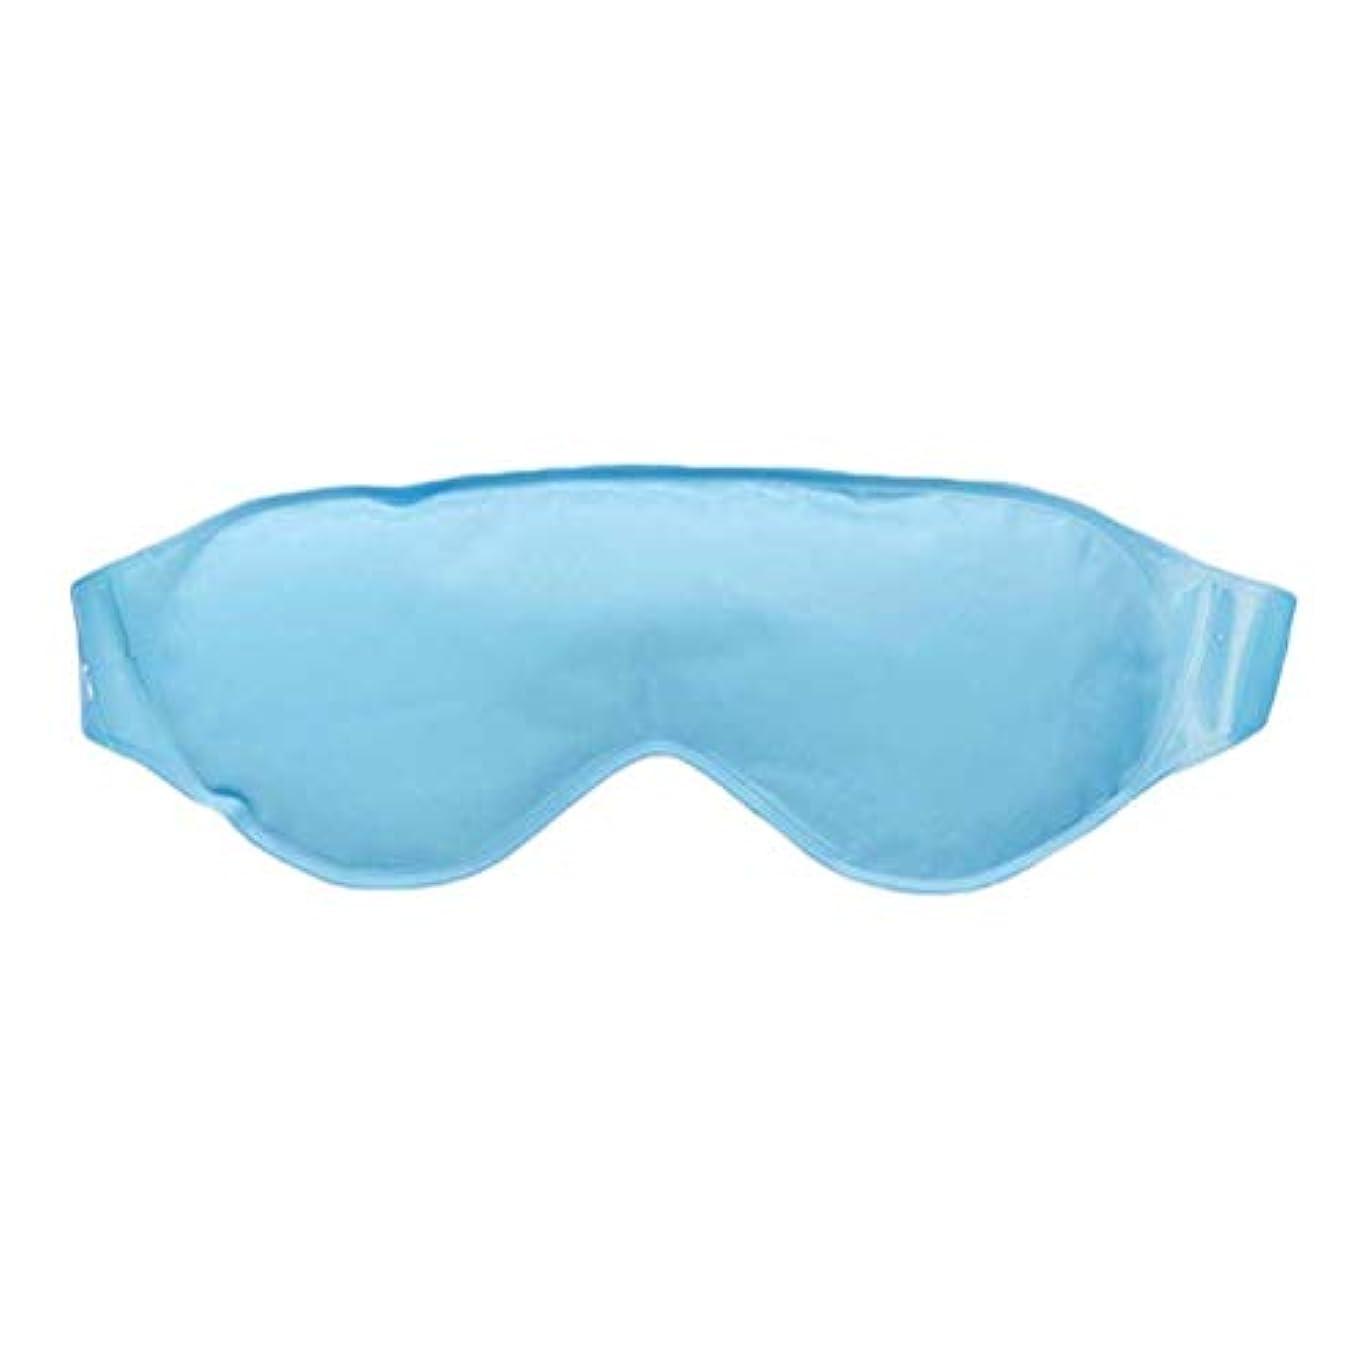 返還はっきりしないなぜならHEALIFTY 女性の男性のためのアイスアイマスクパッチ目隠し冷却リラックスブラインドパッチ